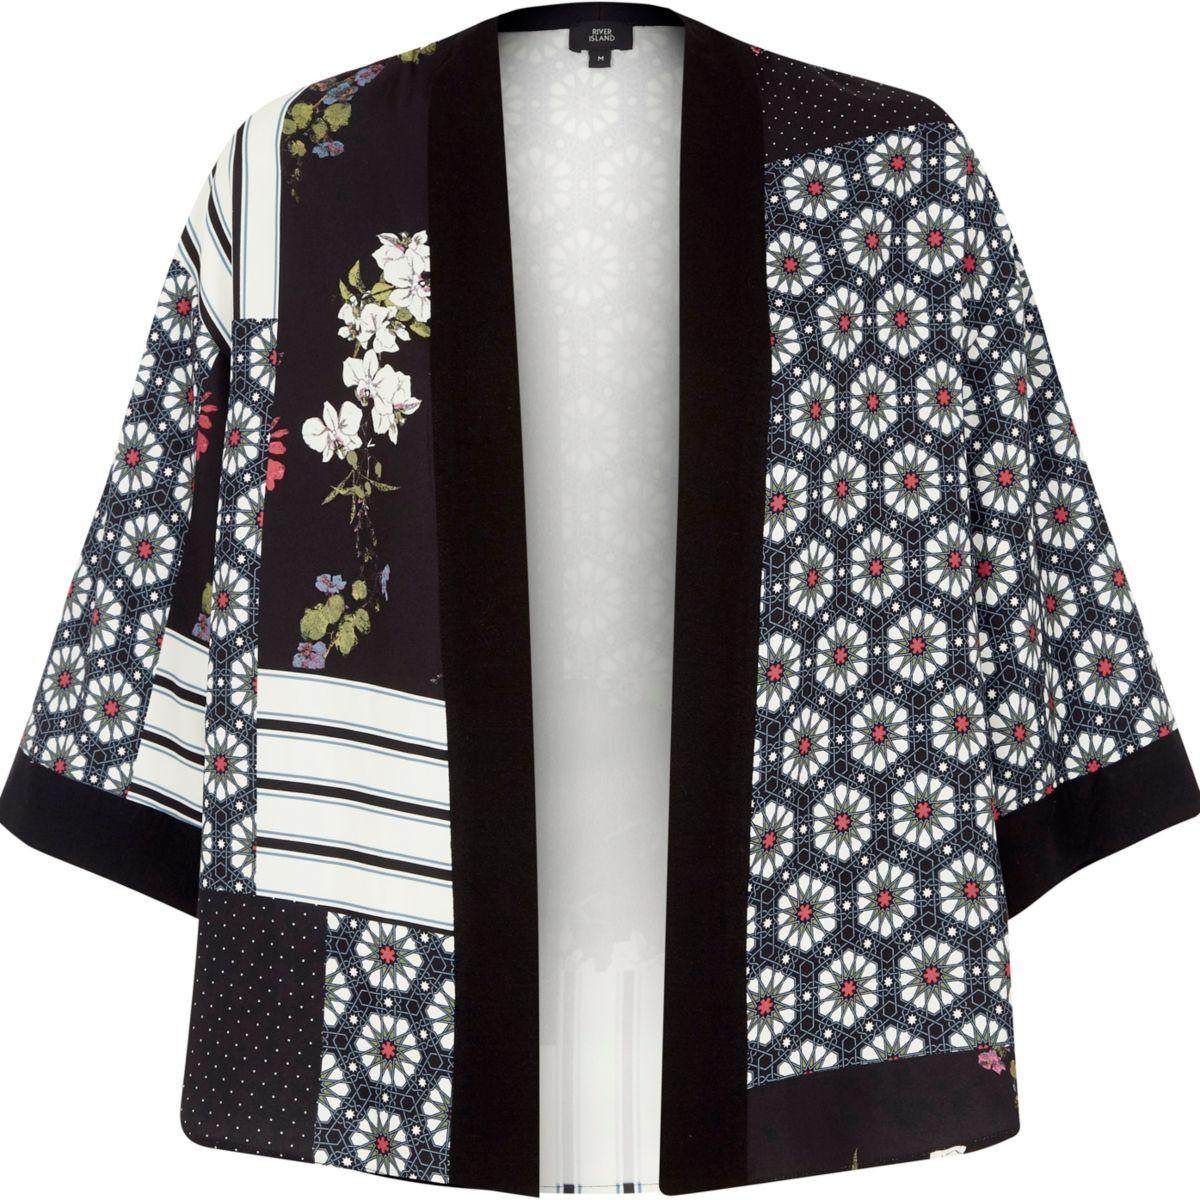 Schwarzer, kurzer Kimono mit Kachelmuster